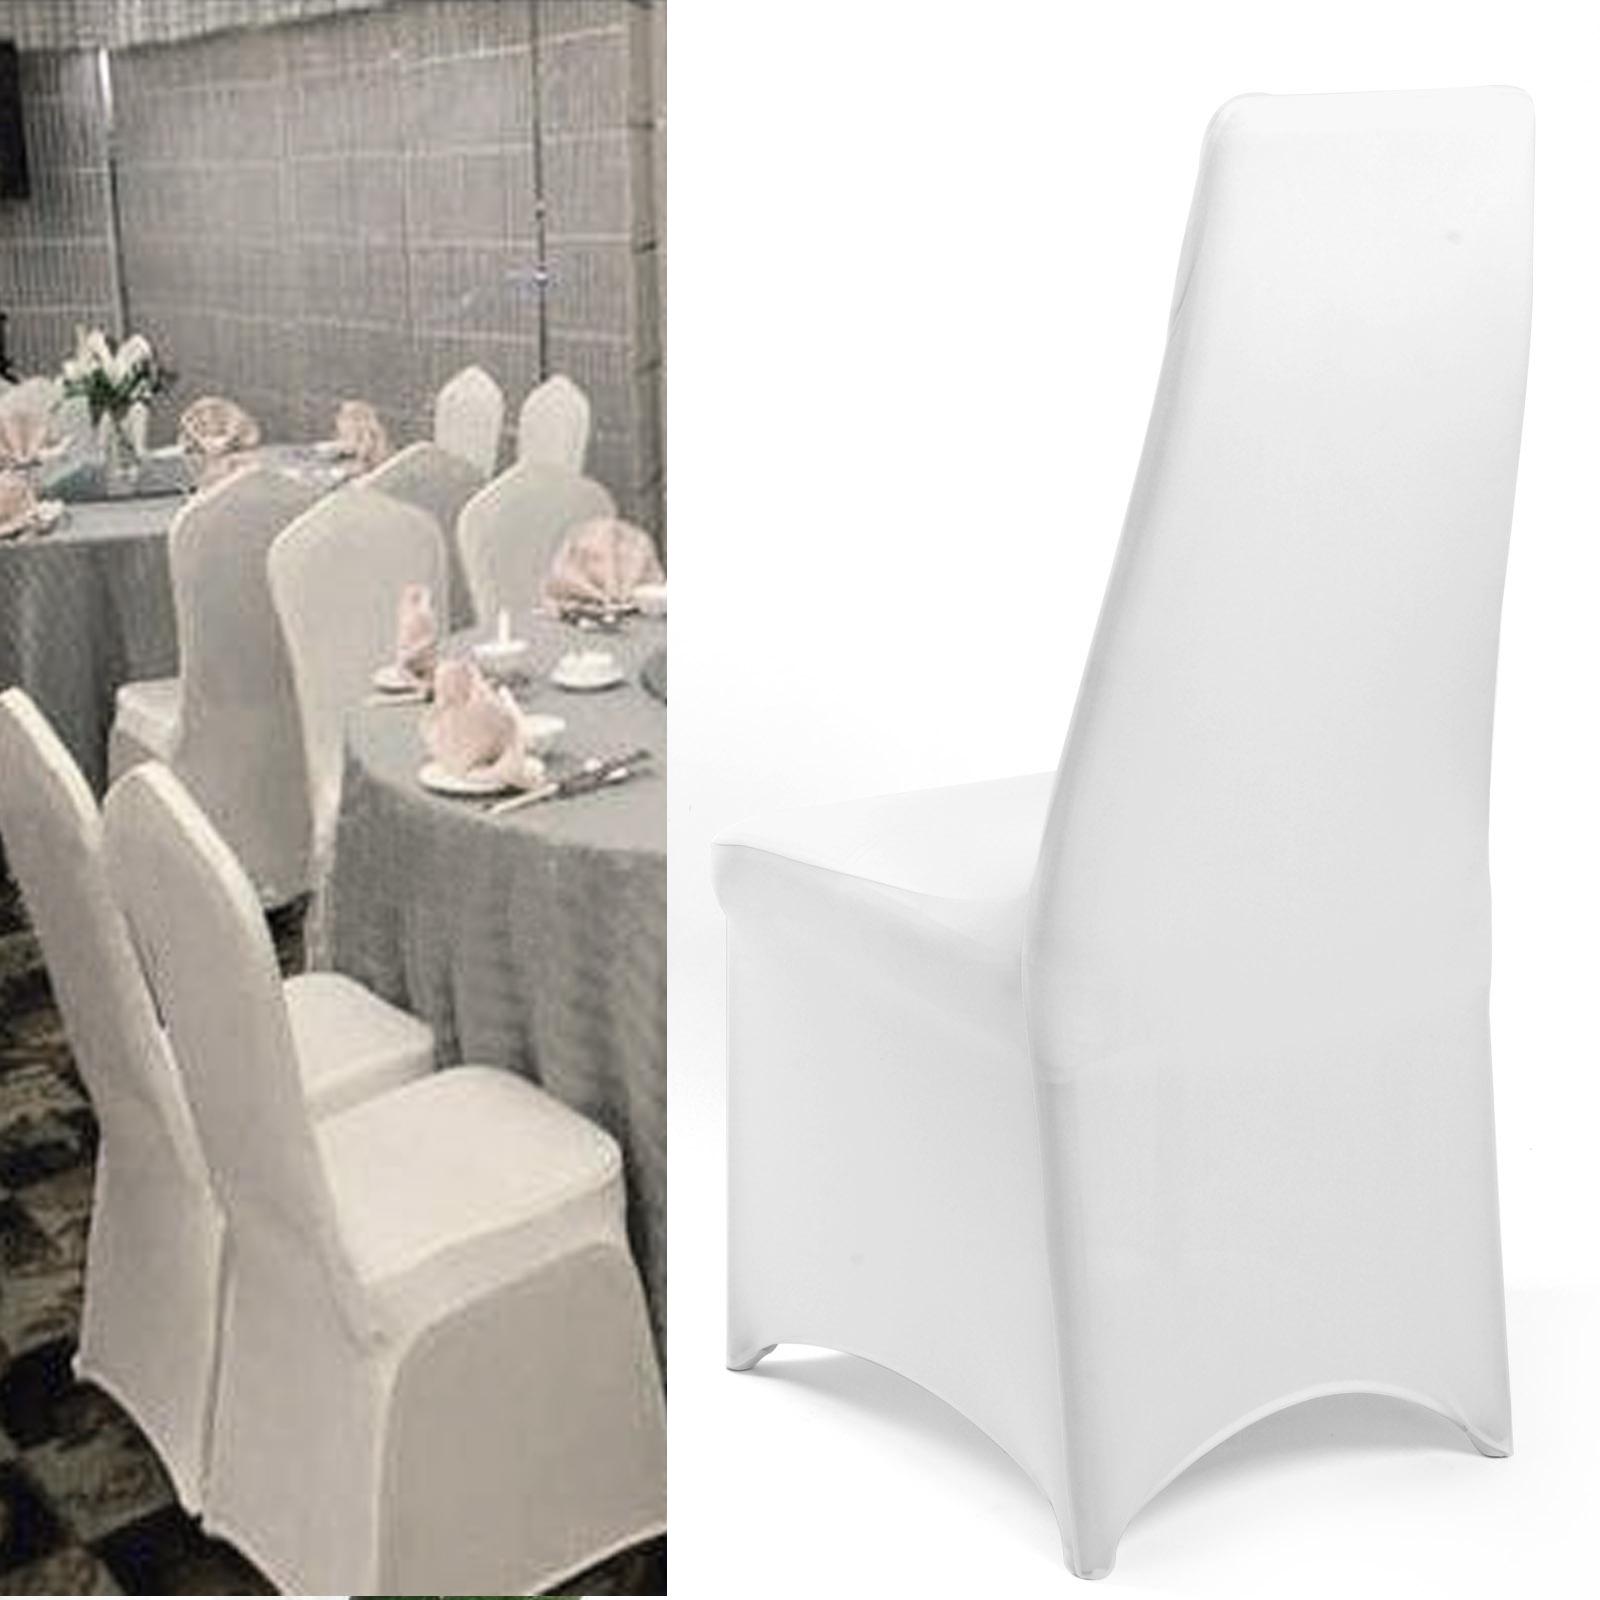 5 10 50pcs housse de chaise extensible spandex mariage soir e fete d cor no l ebay - Housse de chaise mariage lycra ...